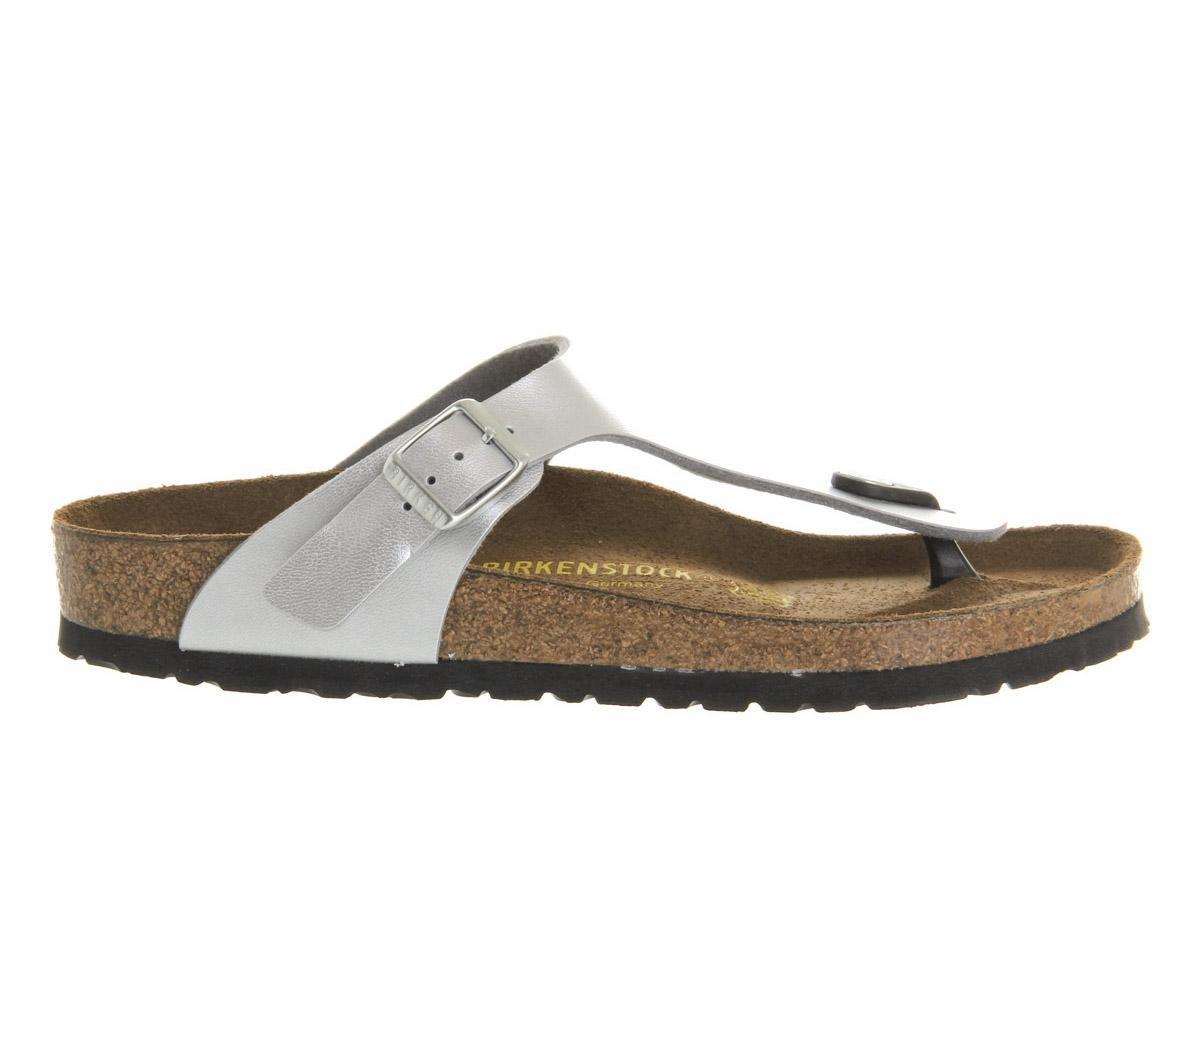 056666fe76b9d Lyst - Birkenstock Gizeh Toe Thong Footbed in Metallic